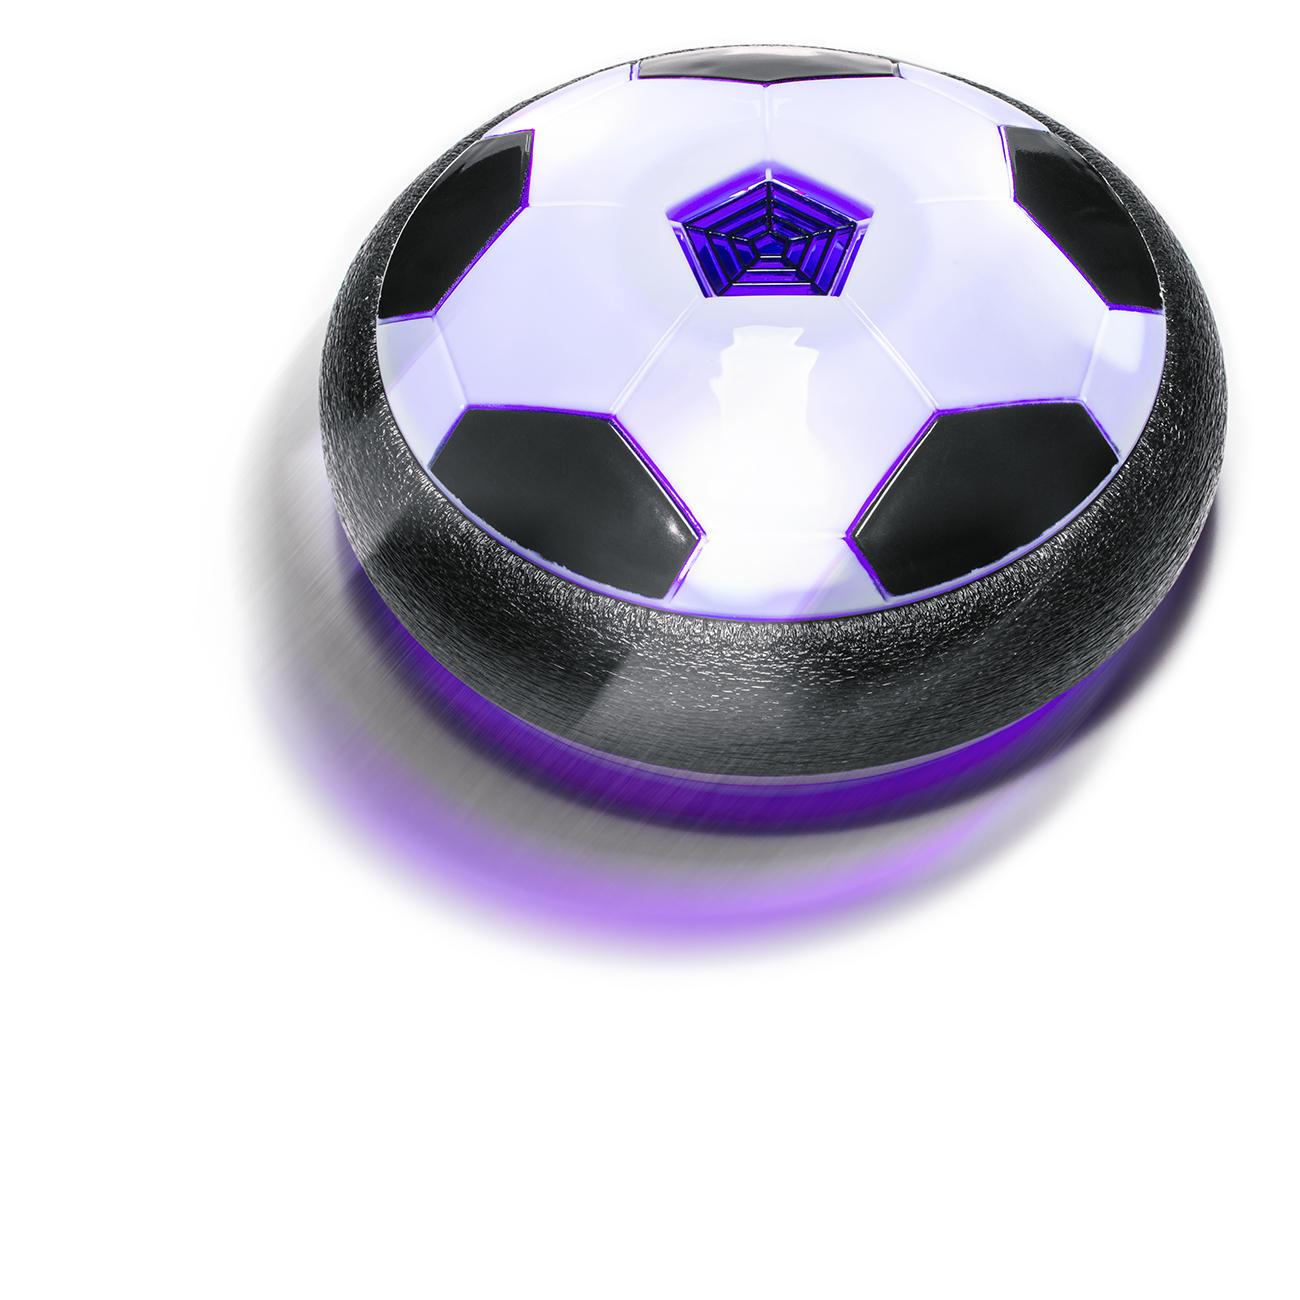 Glyde Ball® Luftkissenfußball Spannendes Fußball-Match – jetzt in Ihrem Wohnzimmer, im Büro, auf der Terrasse, ...